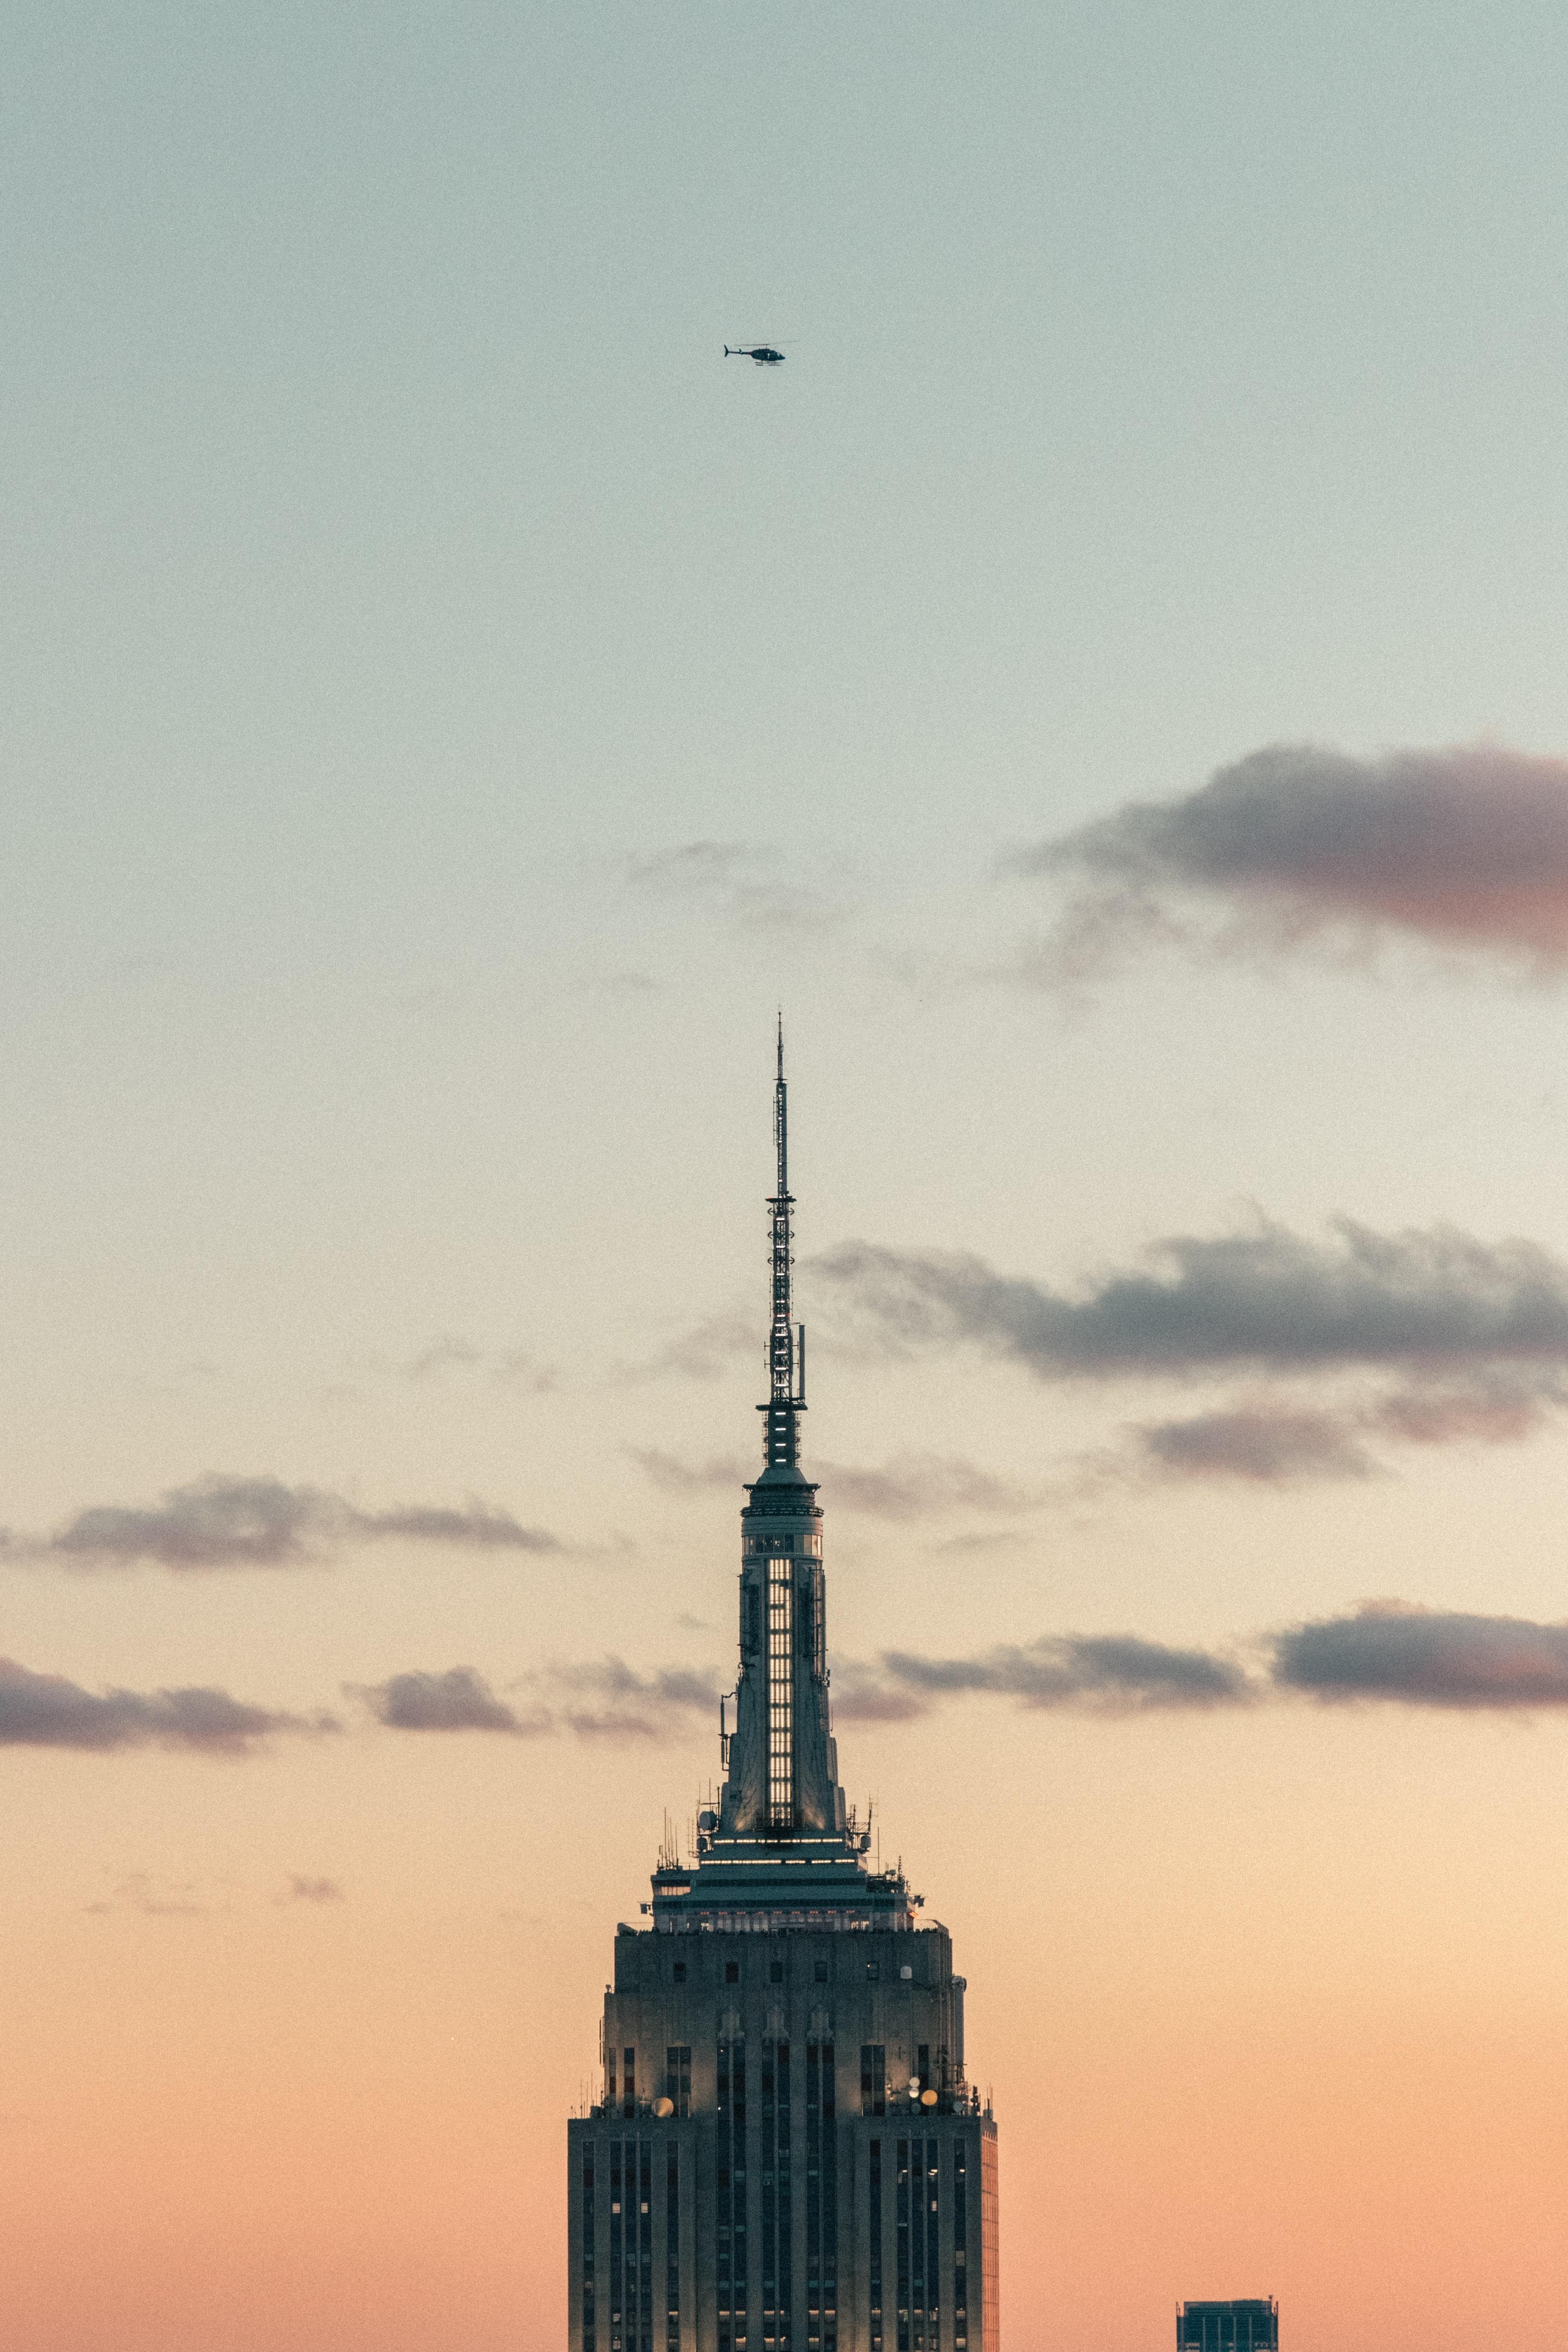 65514 Hintergrundbild herunterladen Sky, Architektur, Clouds, Hubschrauber, Gebäude, Verschiedenes, Sonstige, Turm - Bildschirmschoner und Bilder kostenlos